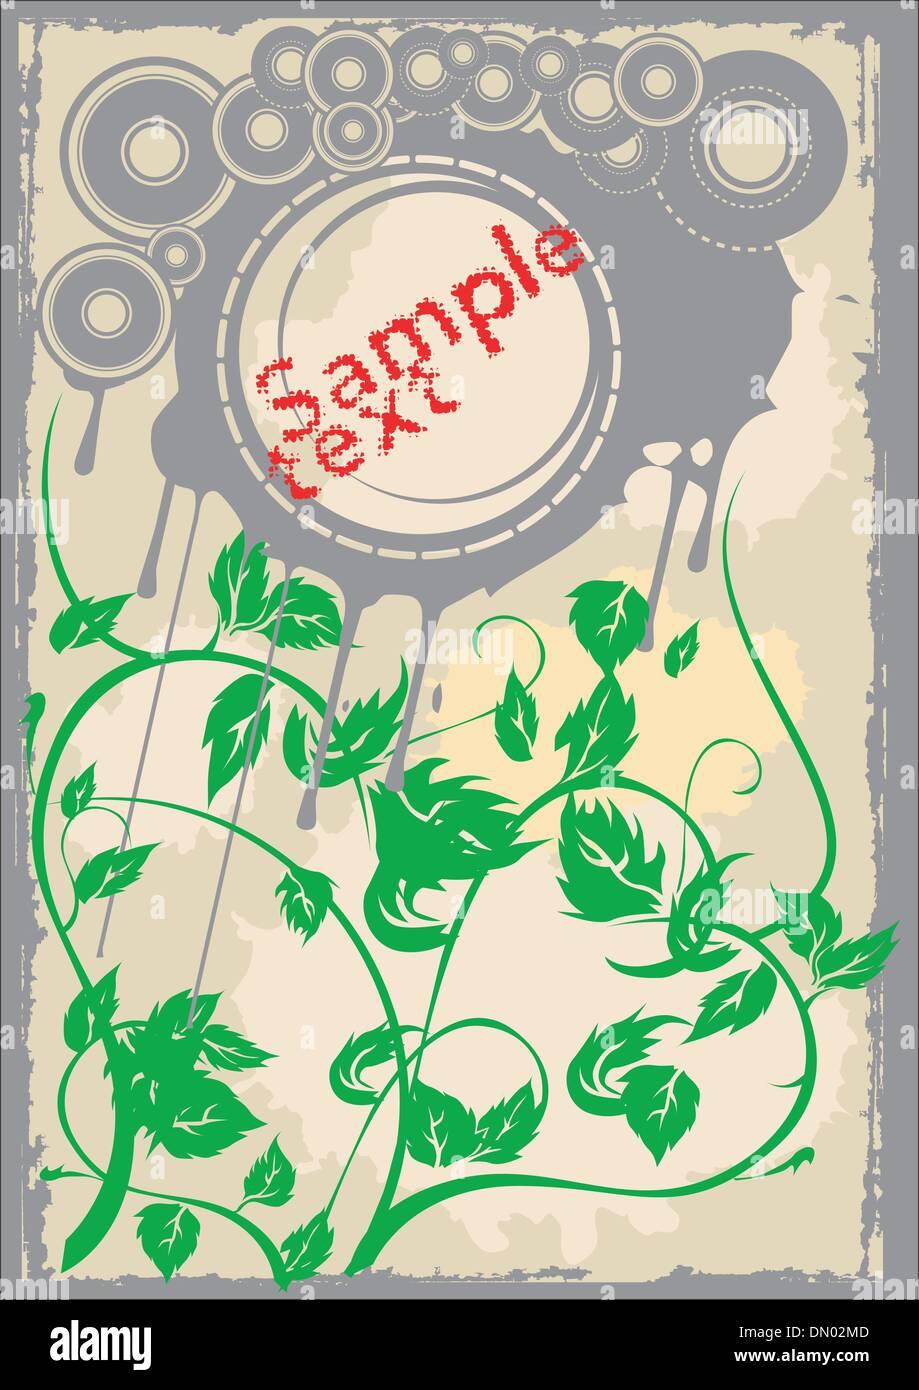 Dischi grigio verde lascia vecchia pagina. Flayer. Illustrazione Vettoriale. N. di maglie Immagini Stock